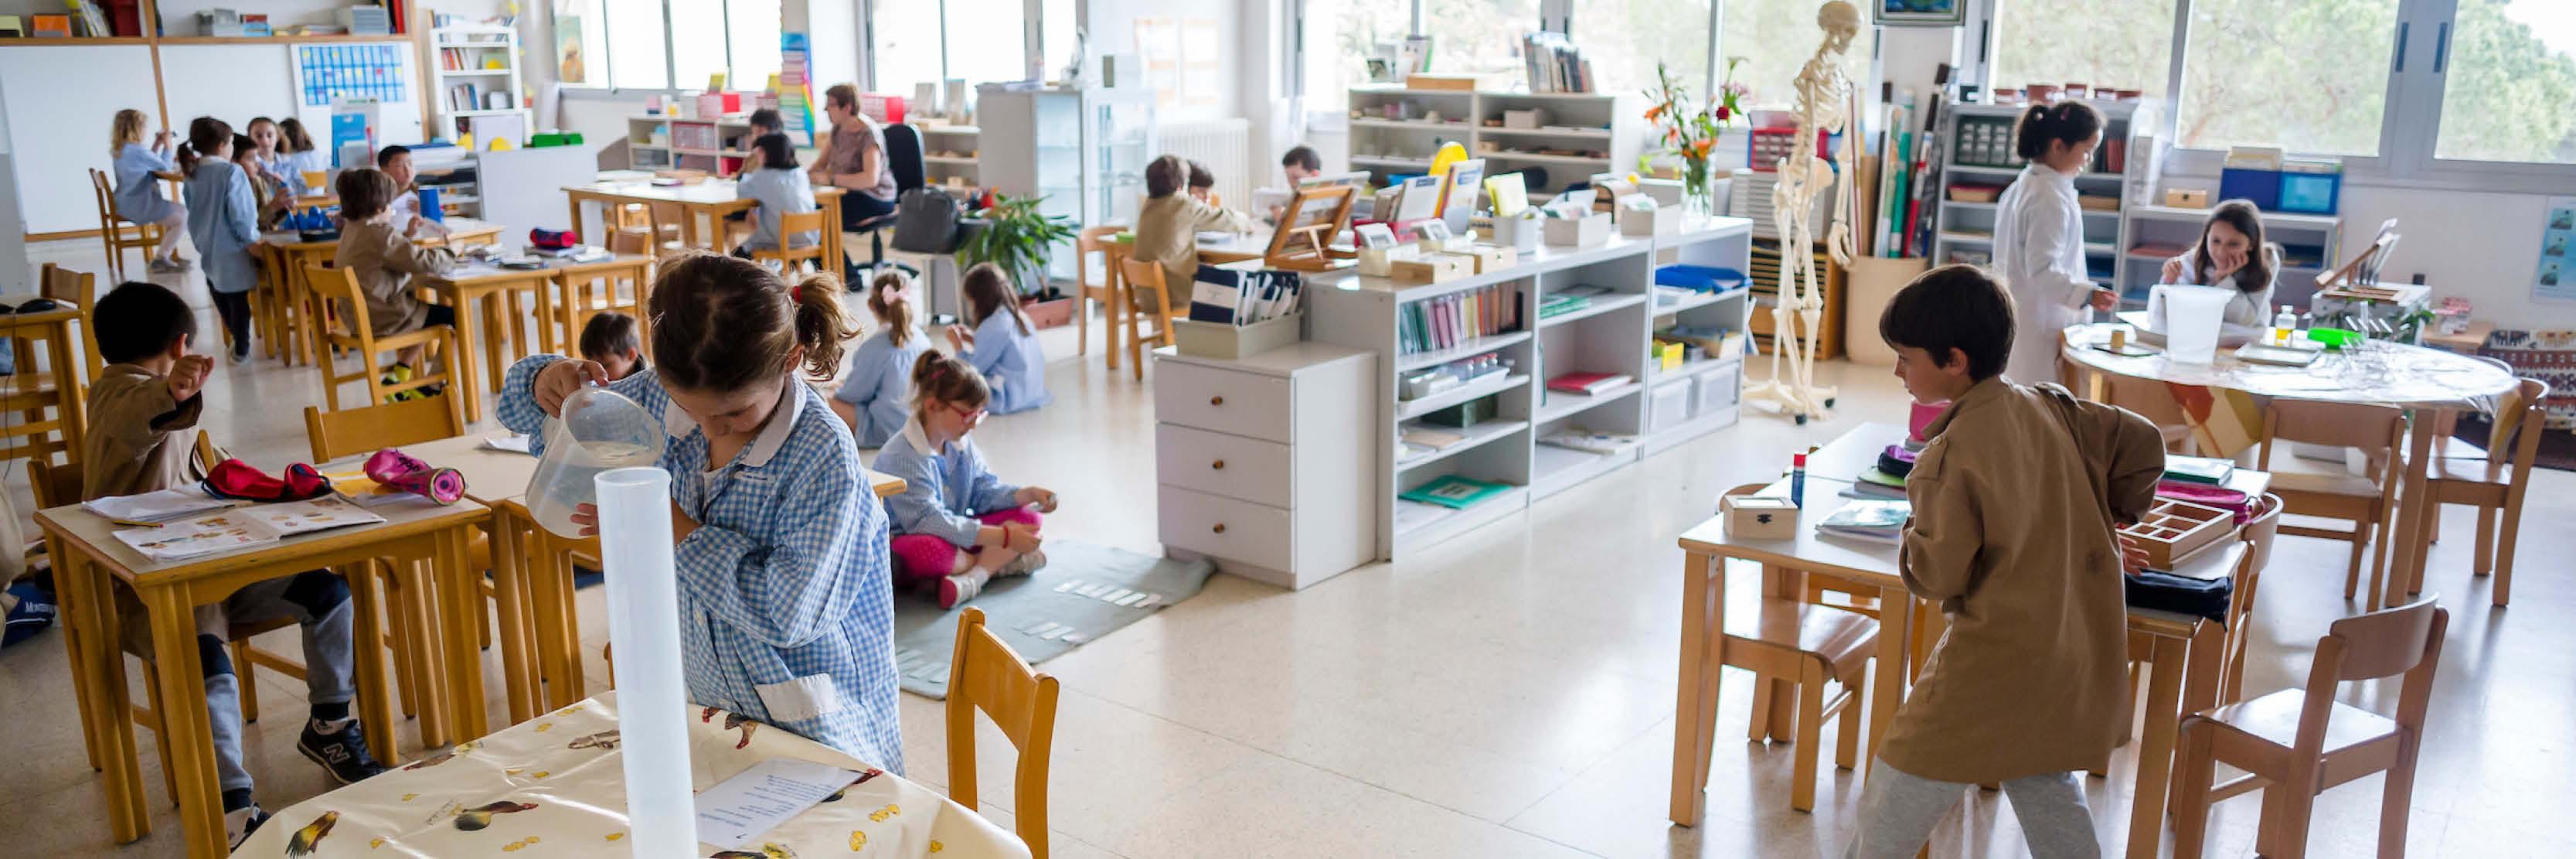 Curs de postgrau AMI d'Assistent Montessori